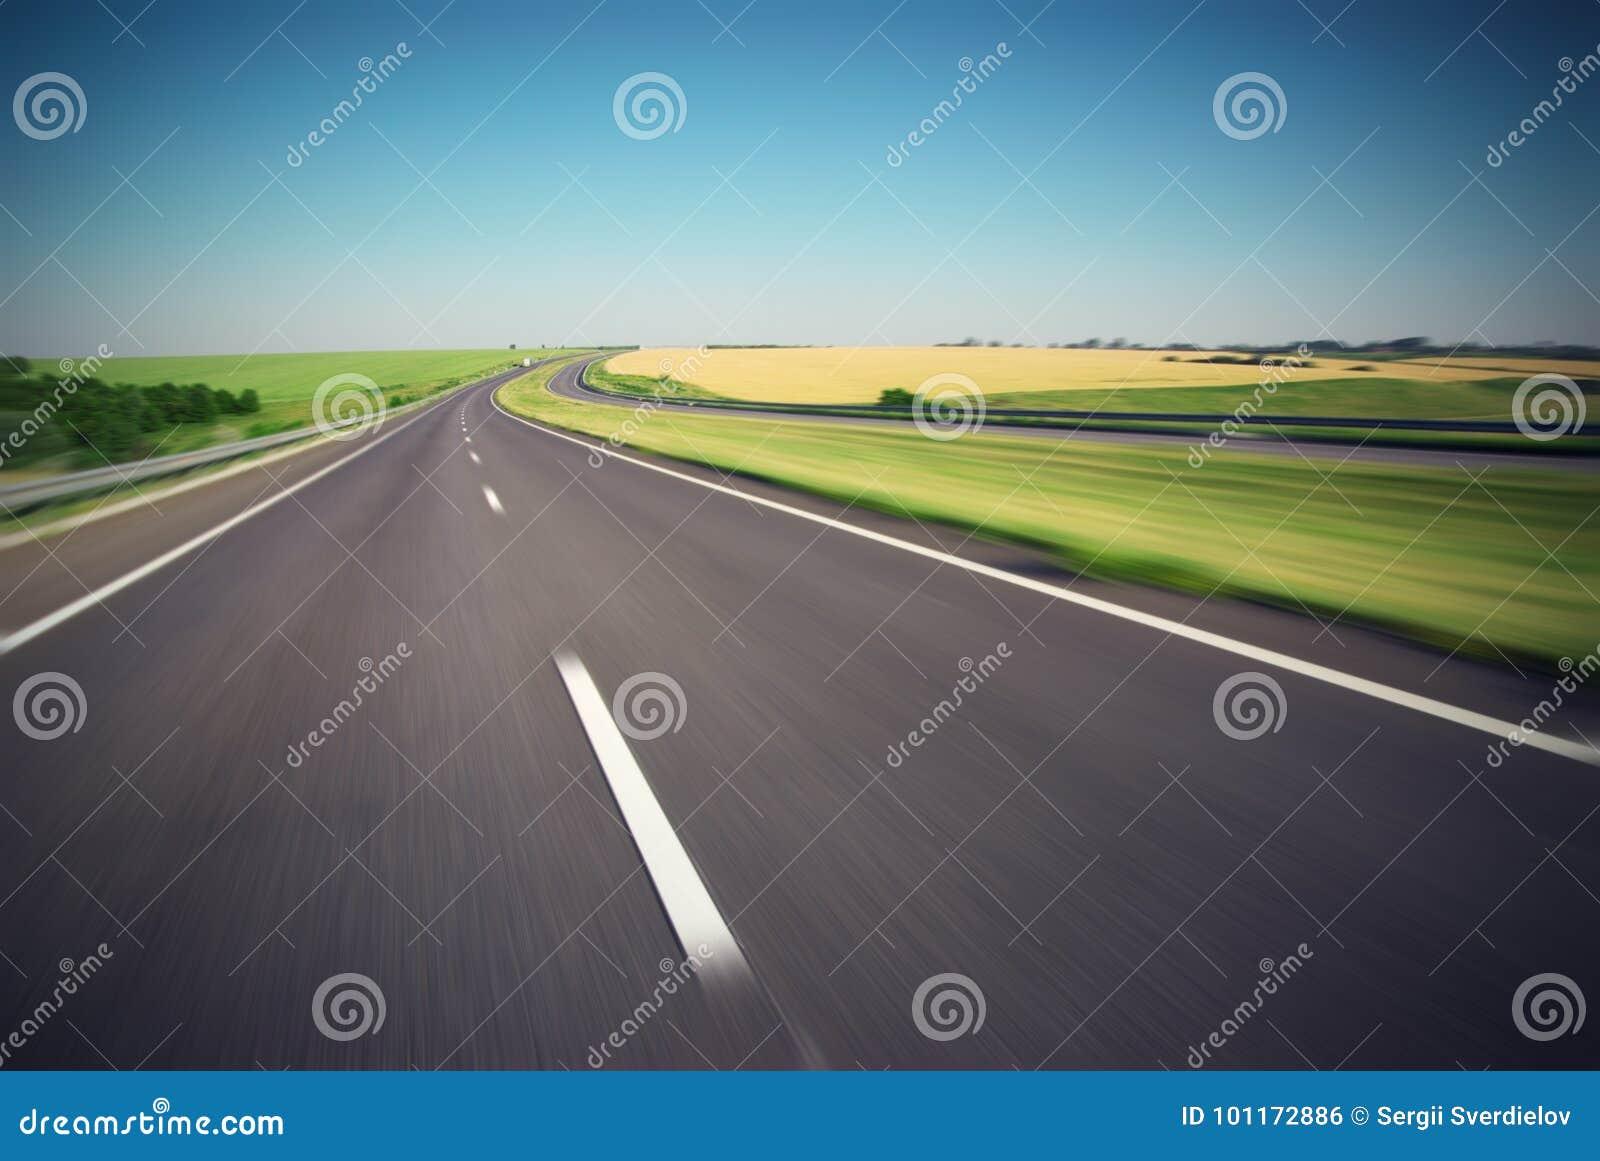 De motie vertroebelde lege weg met groene weide op horizon